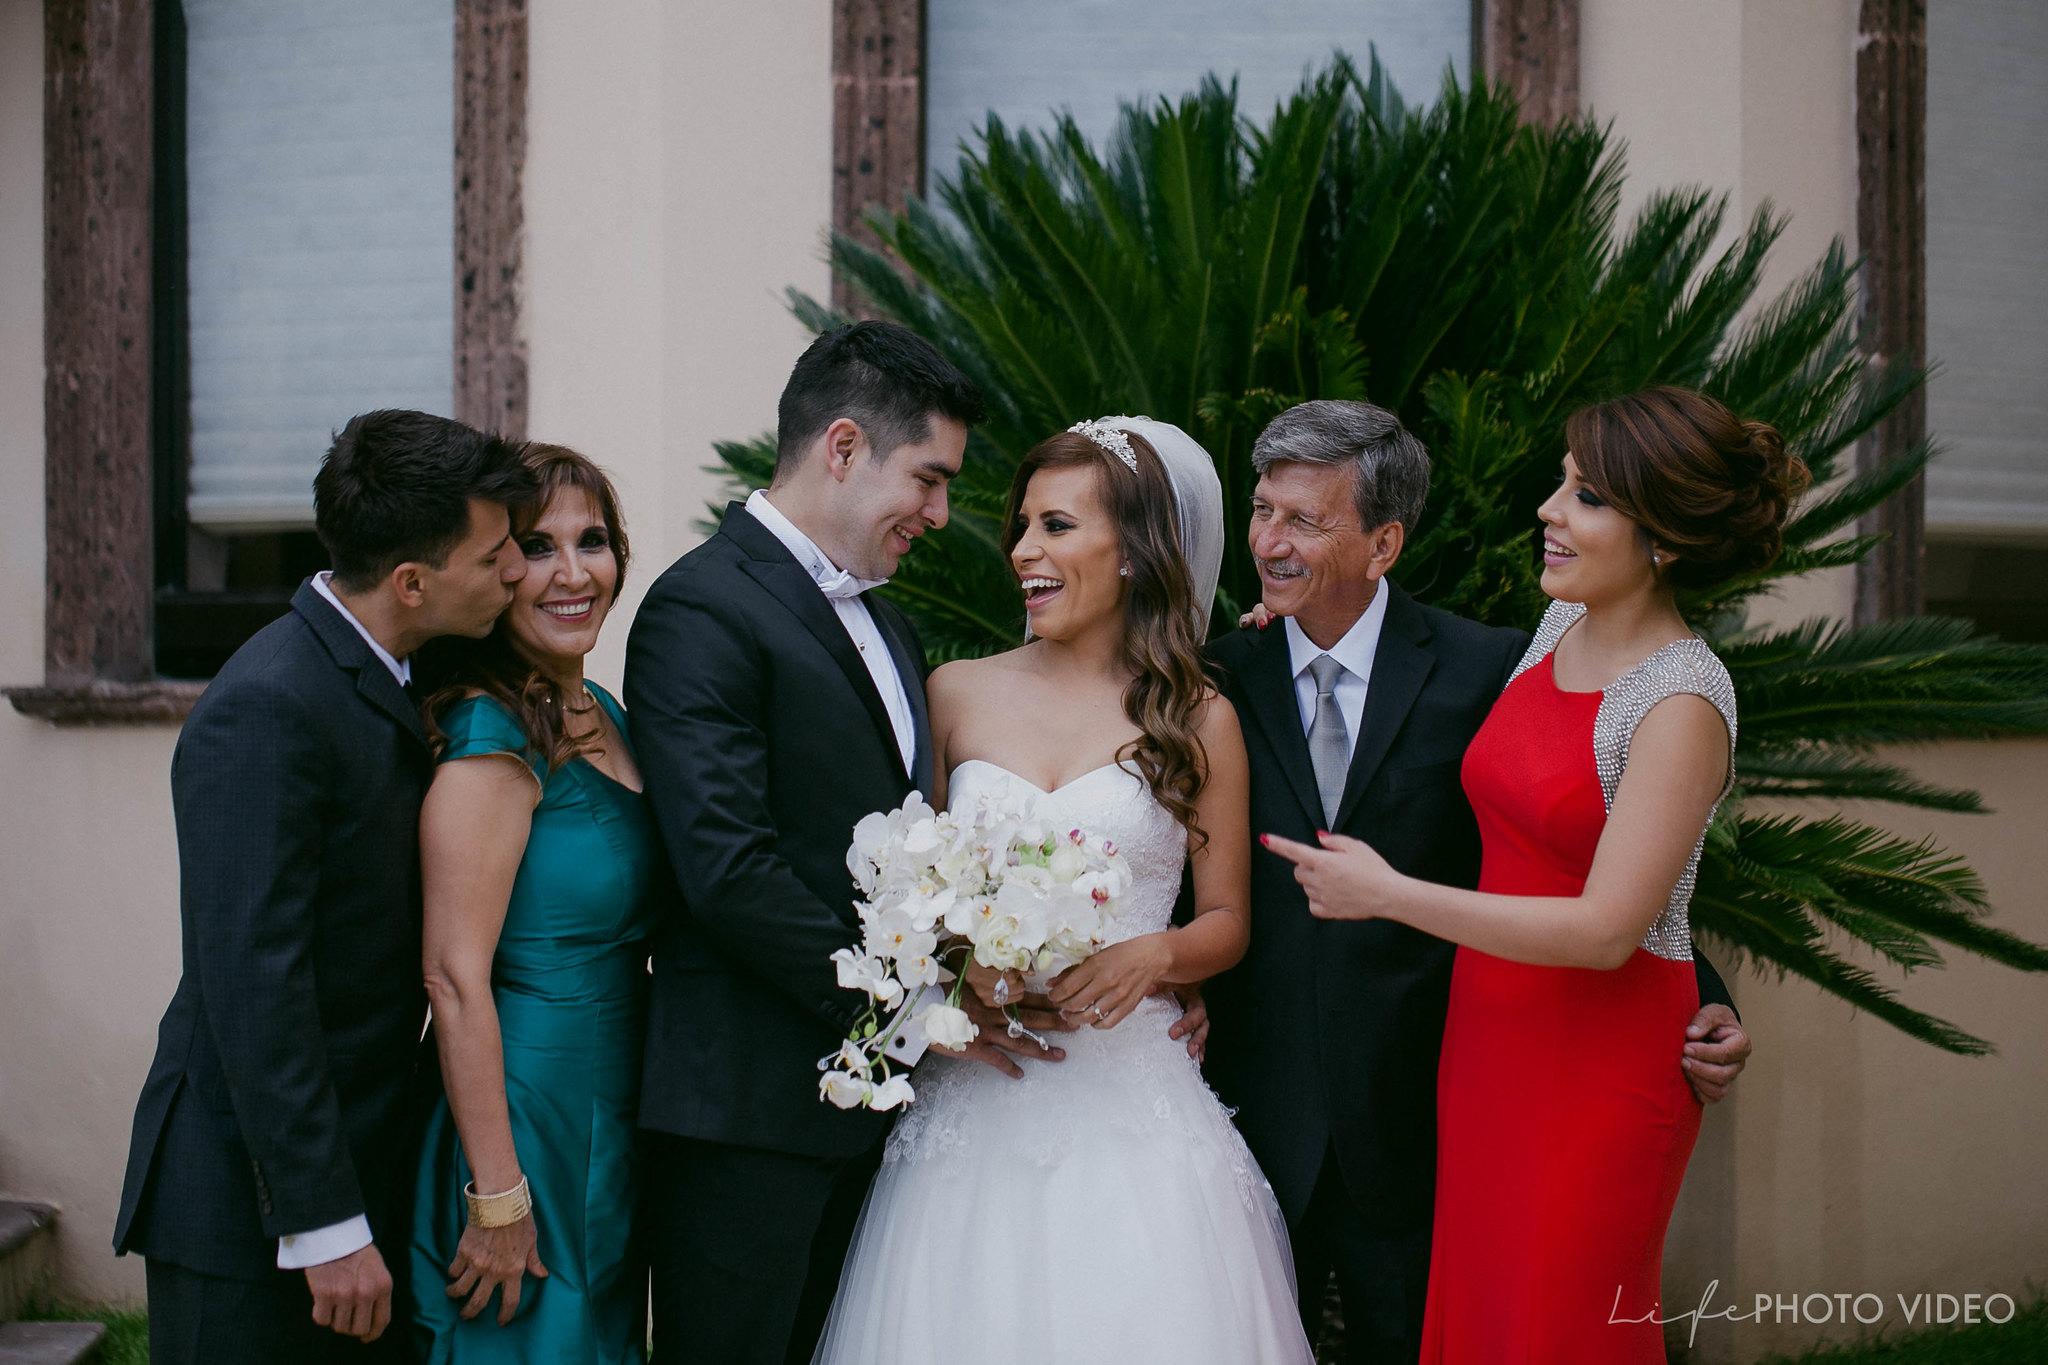 Boda_LeonGto_Wedding_LifePhotoVideo_0022.jpg